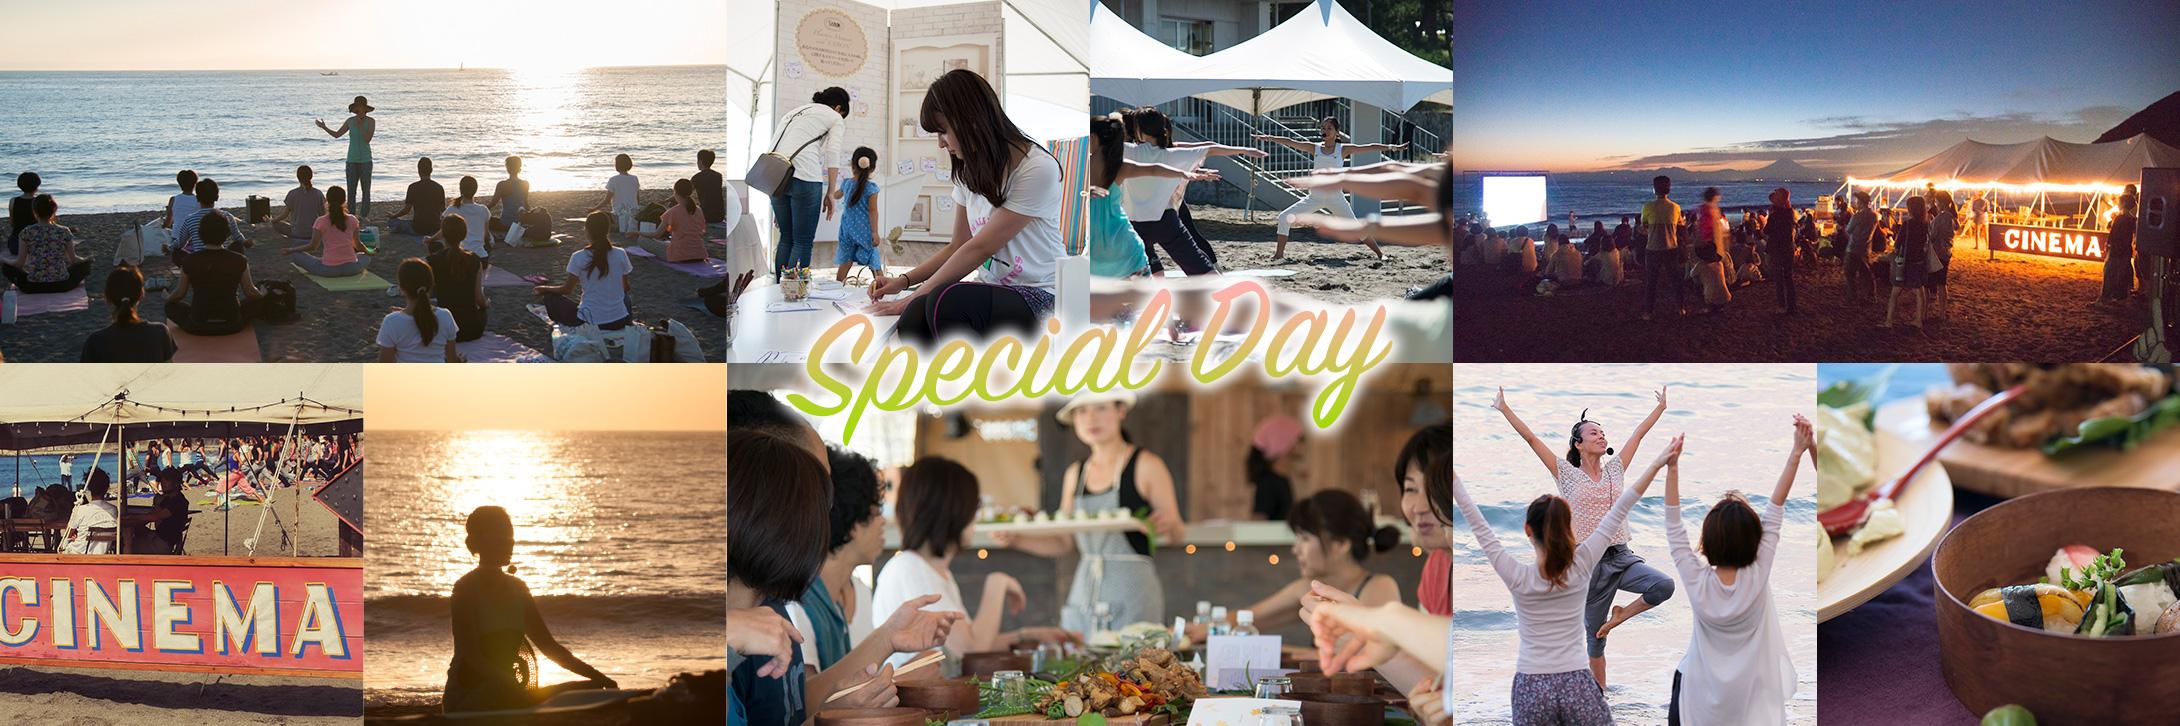 specialday.jpg